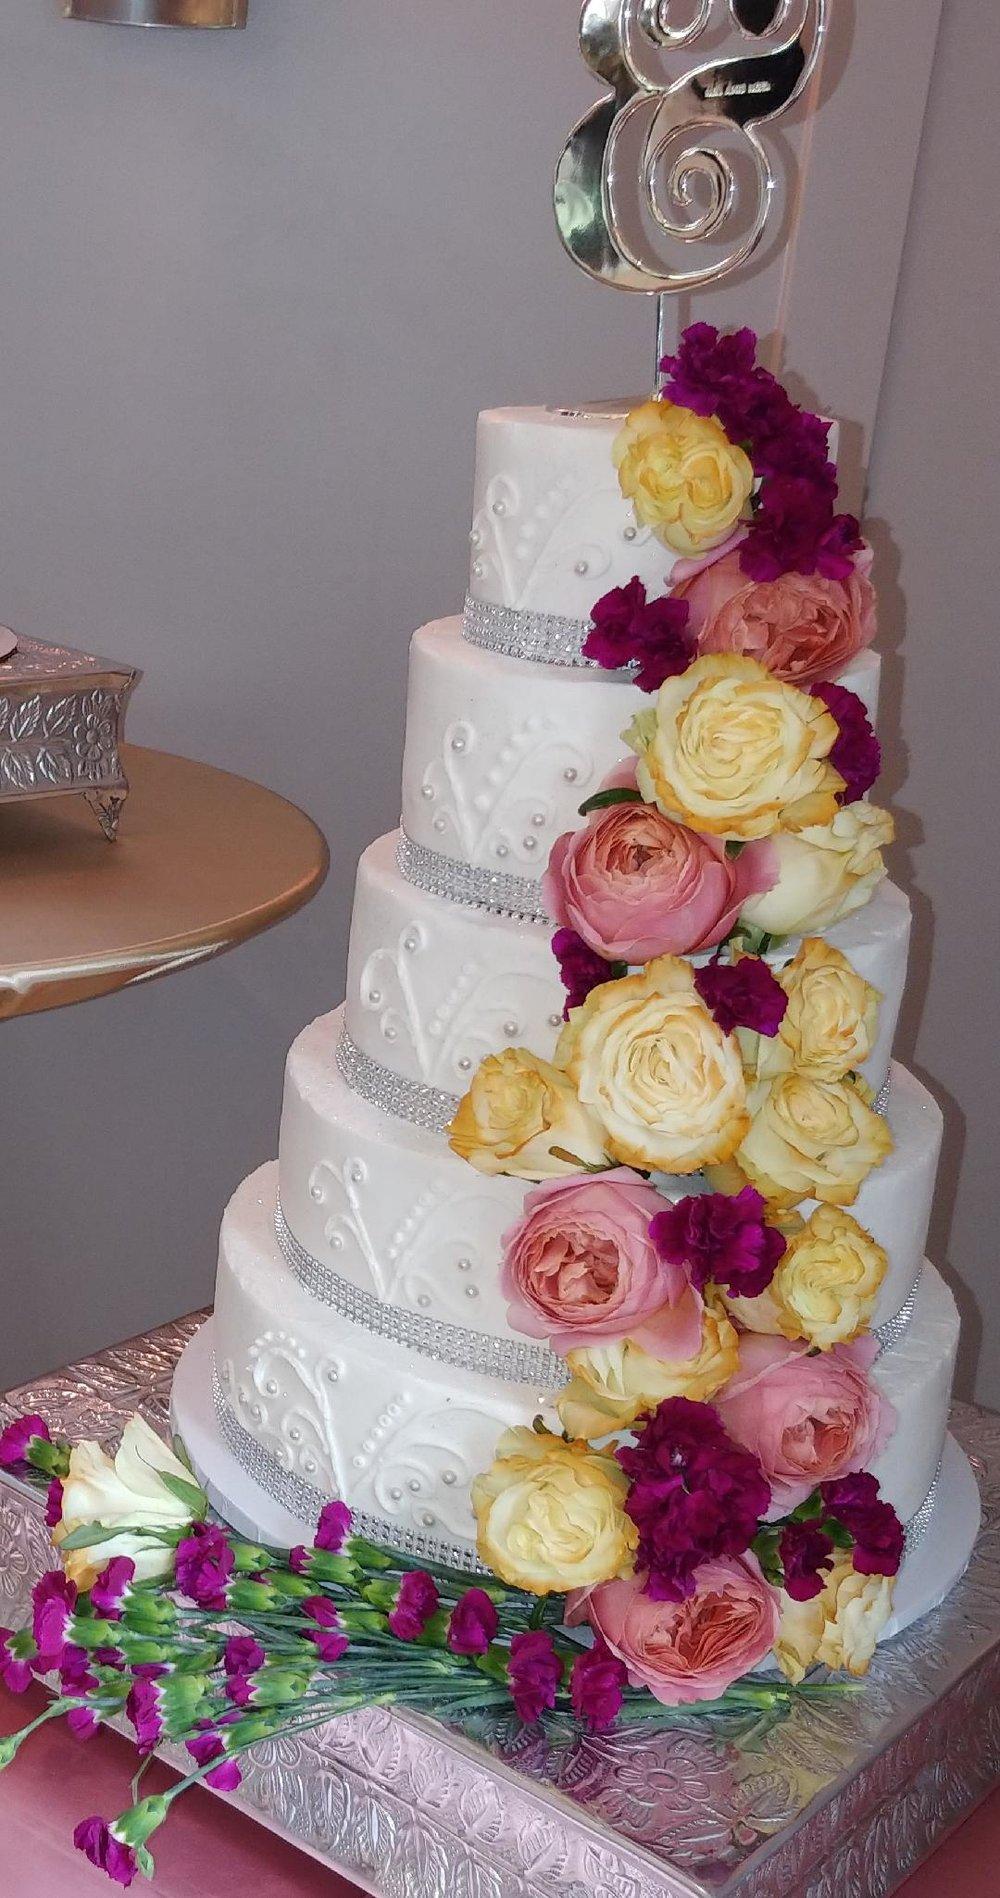 tif cake 8.jpg